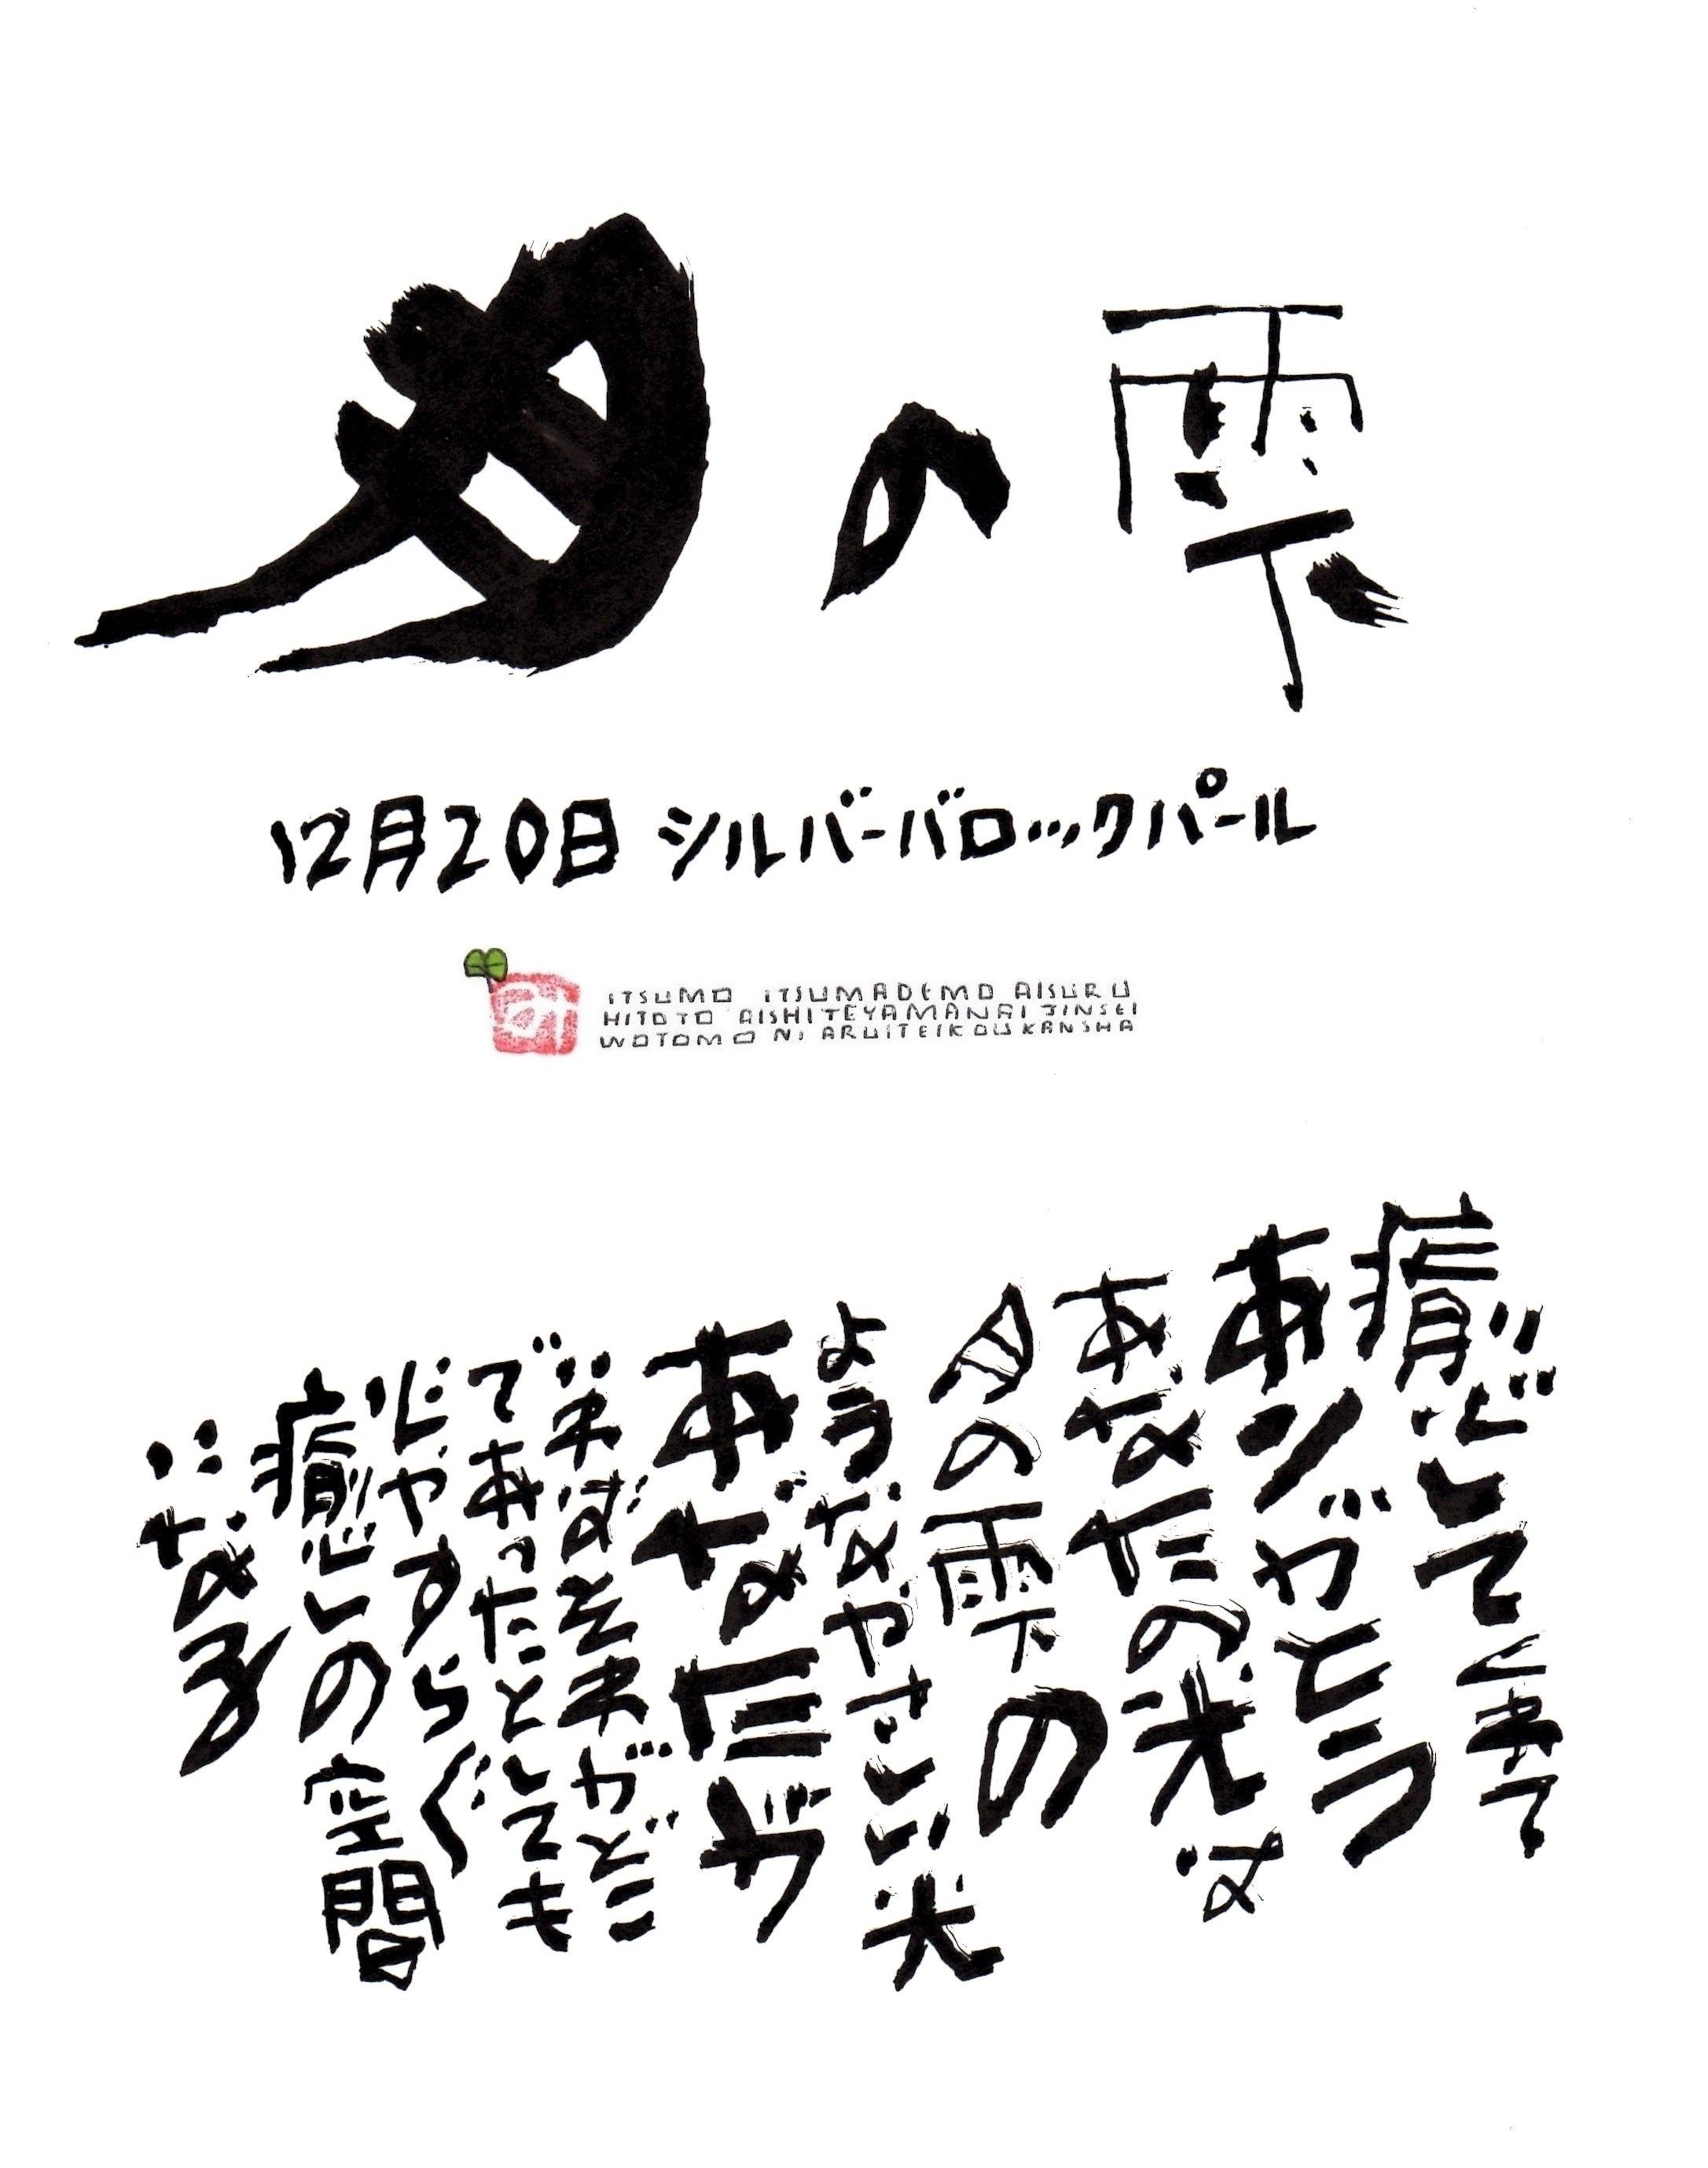 12月20日 結婚記念日ポストカード【月の雫】